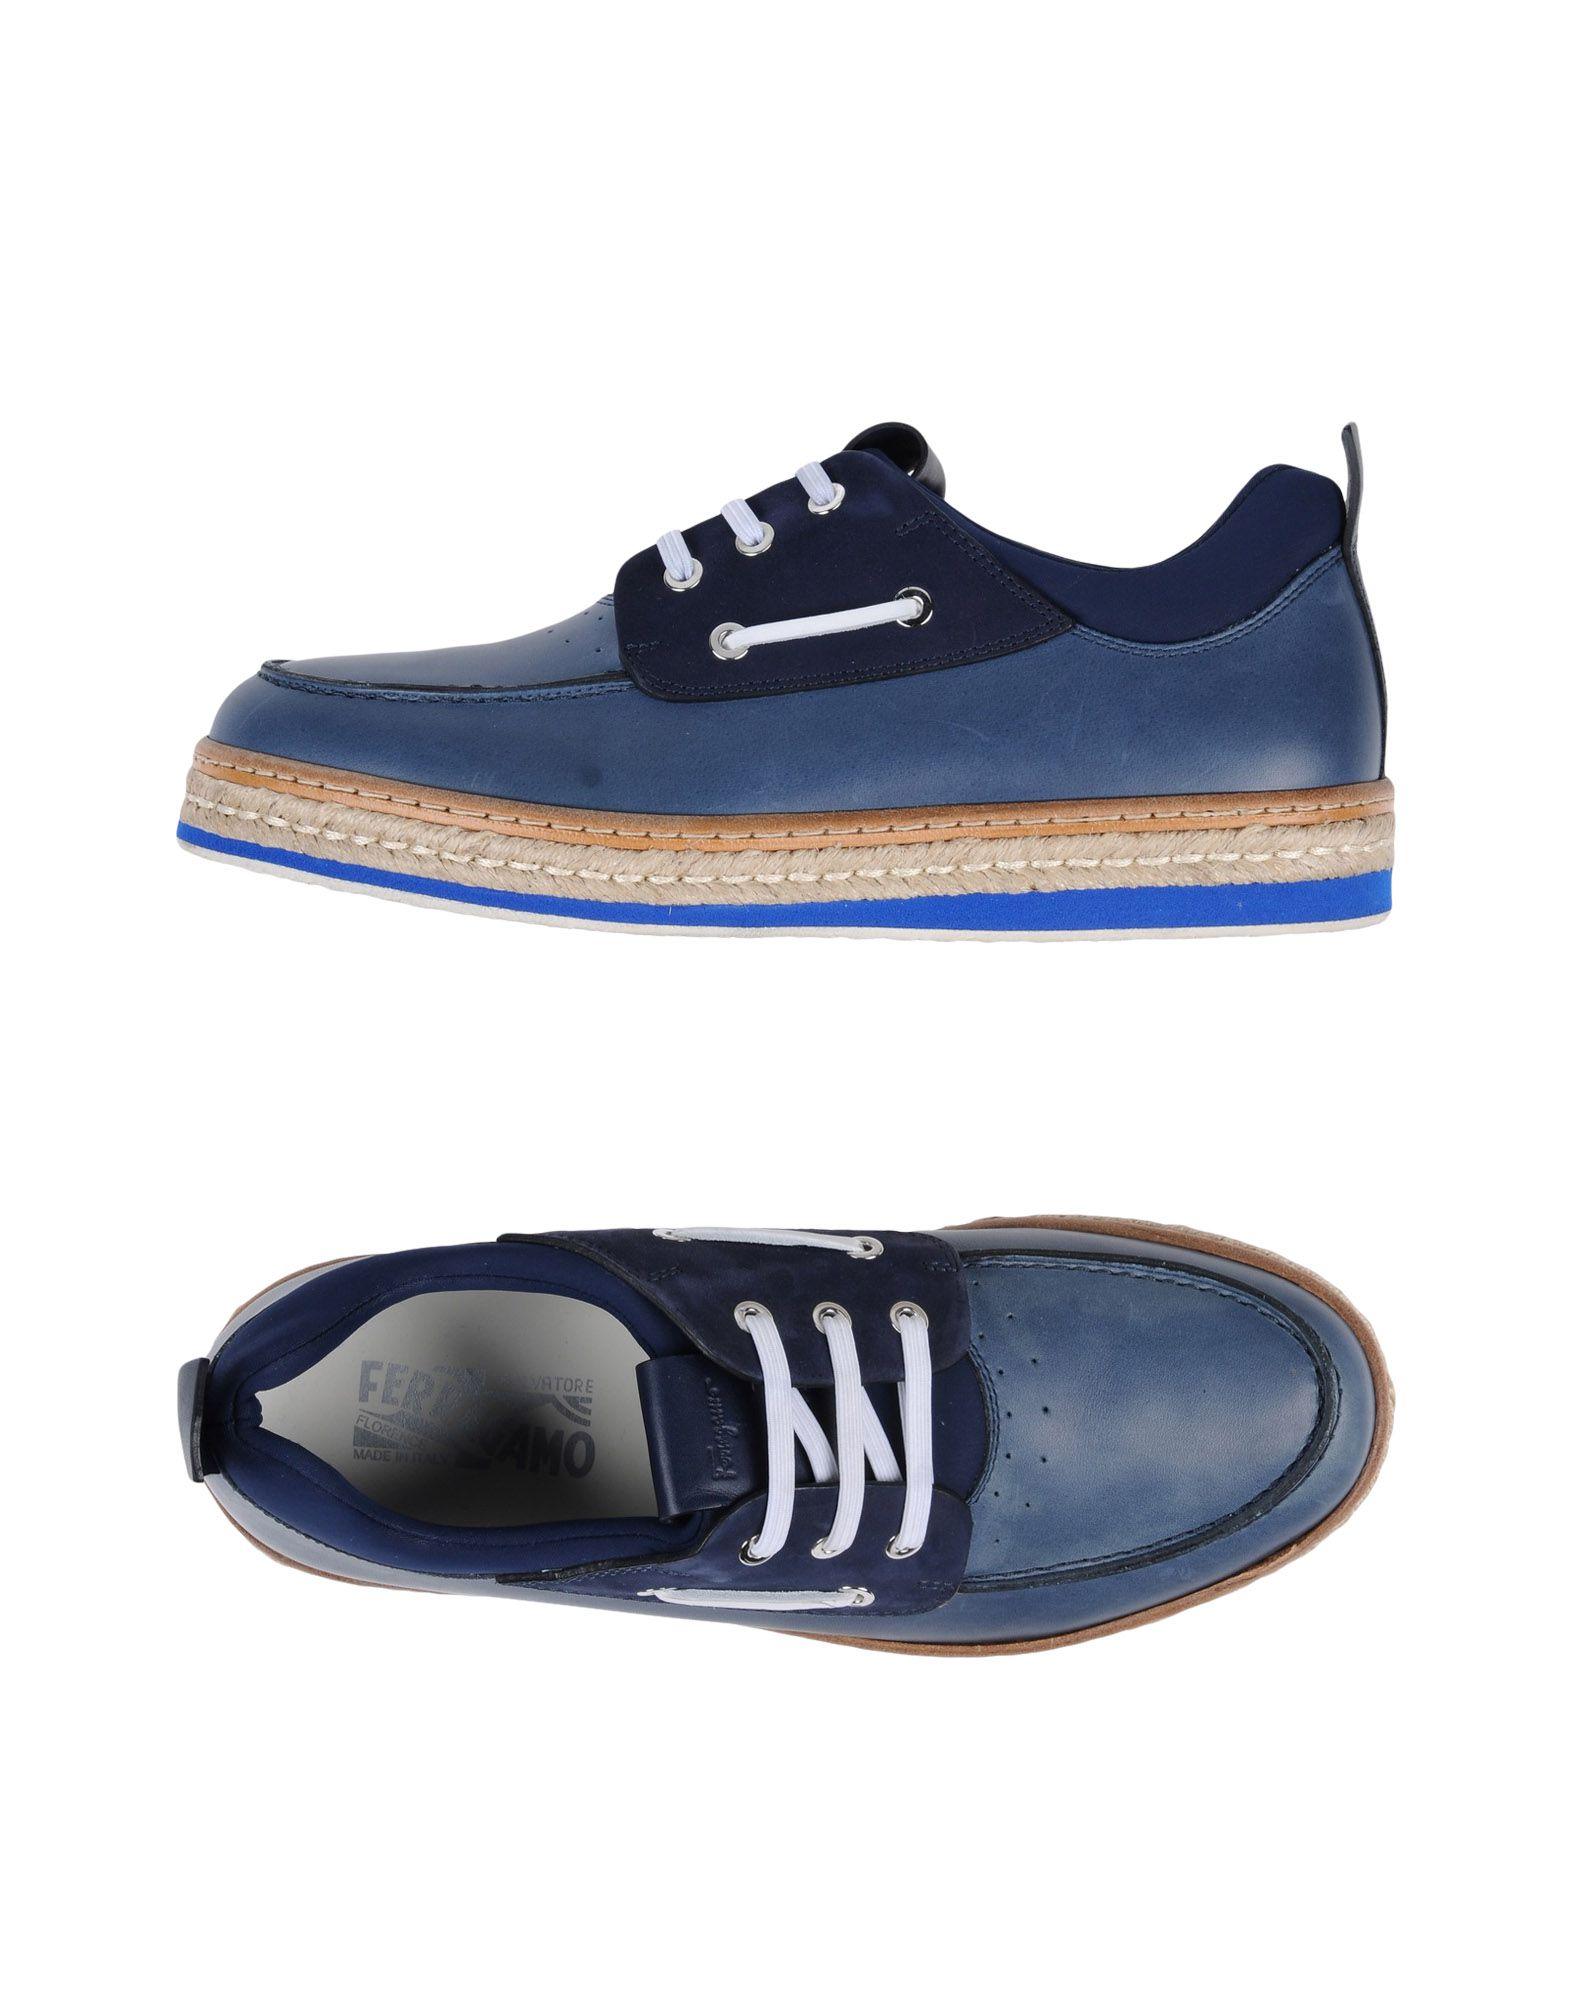 Salvatore Ferragamo Schnürschuhe Herren  11327472CA Gute Qualität beliebte Schuhe